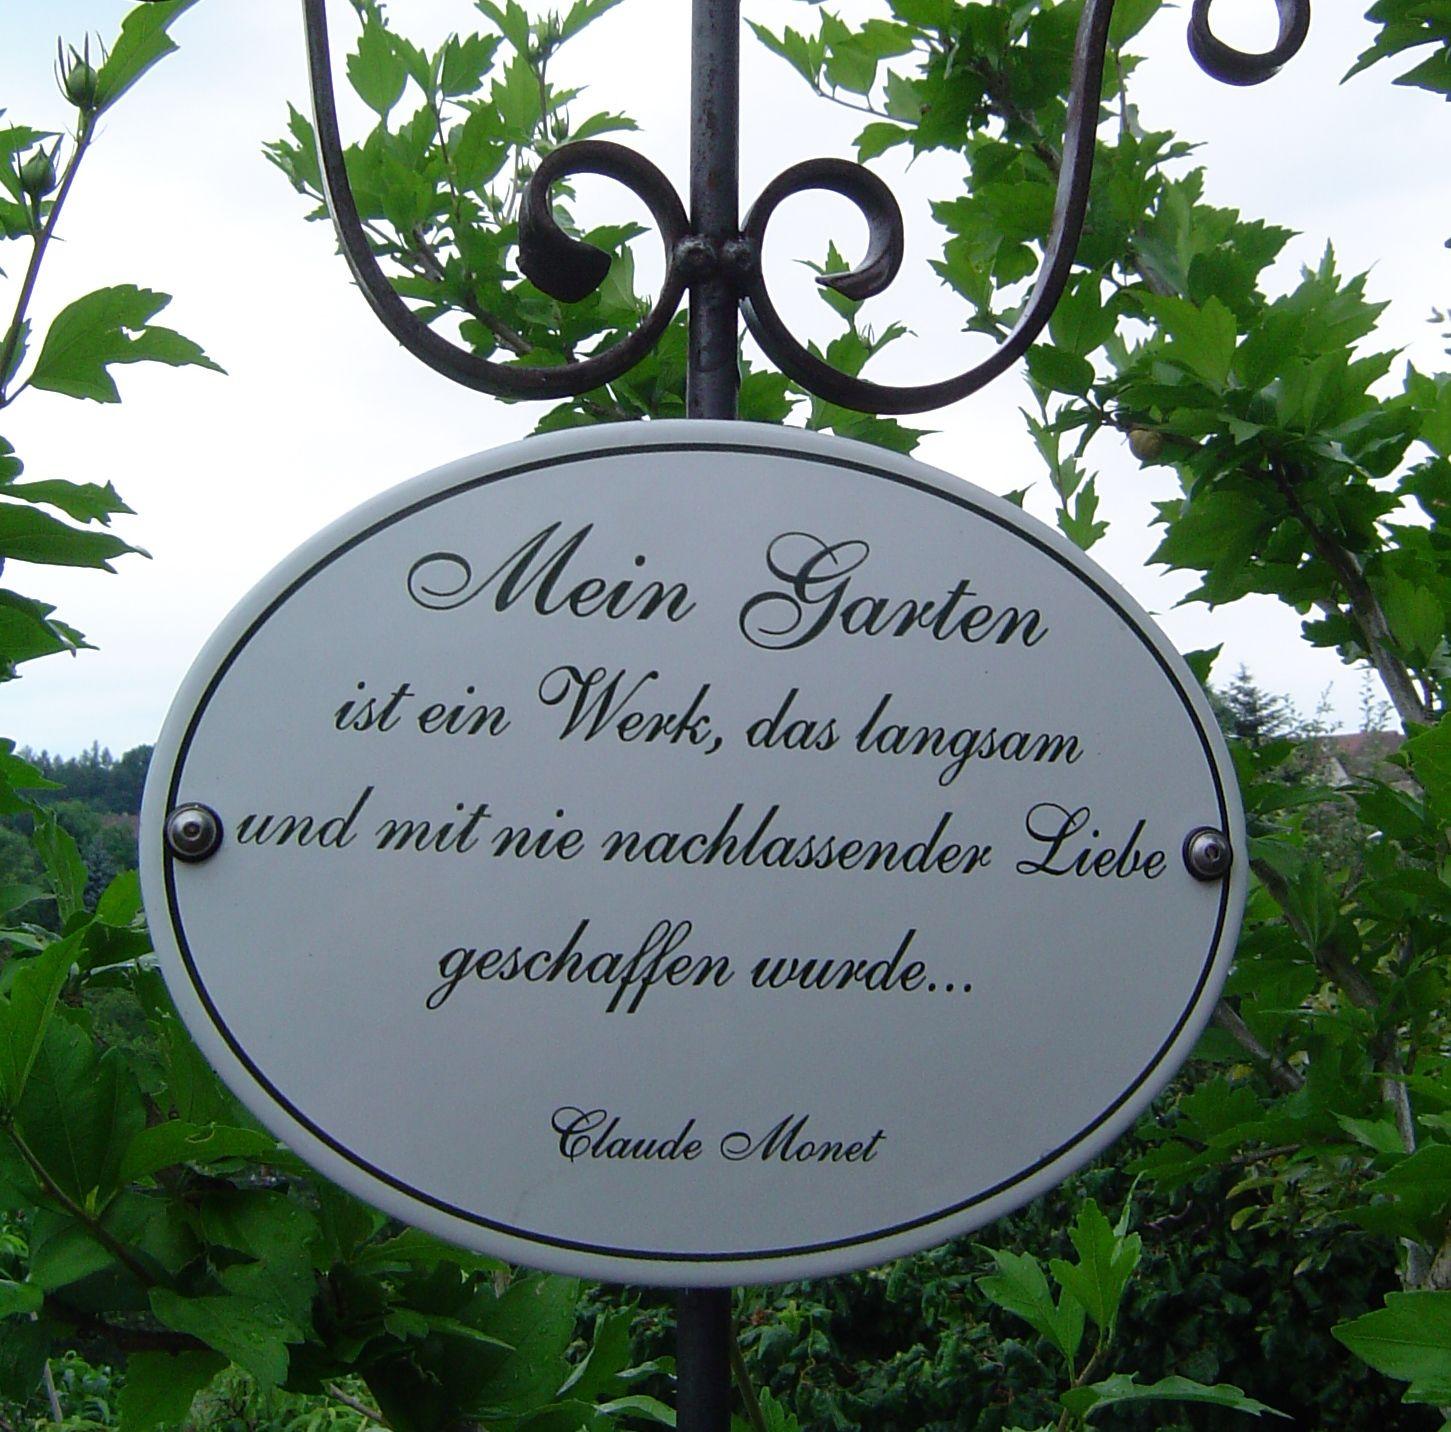 sprüche garten Kunst im Garten   mit dem klassischen MoSpruch als dauerhafte  sprüche garten